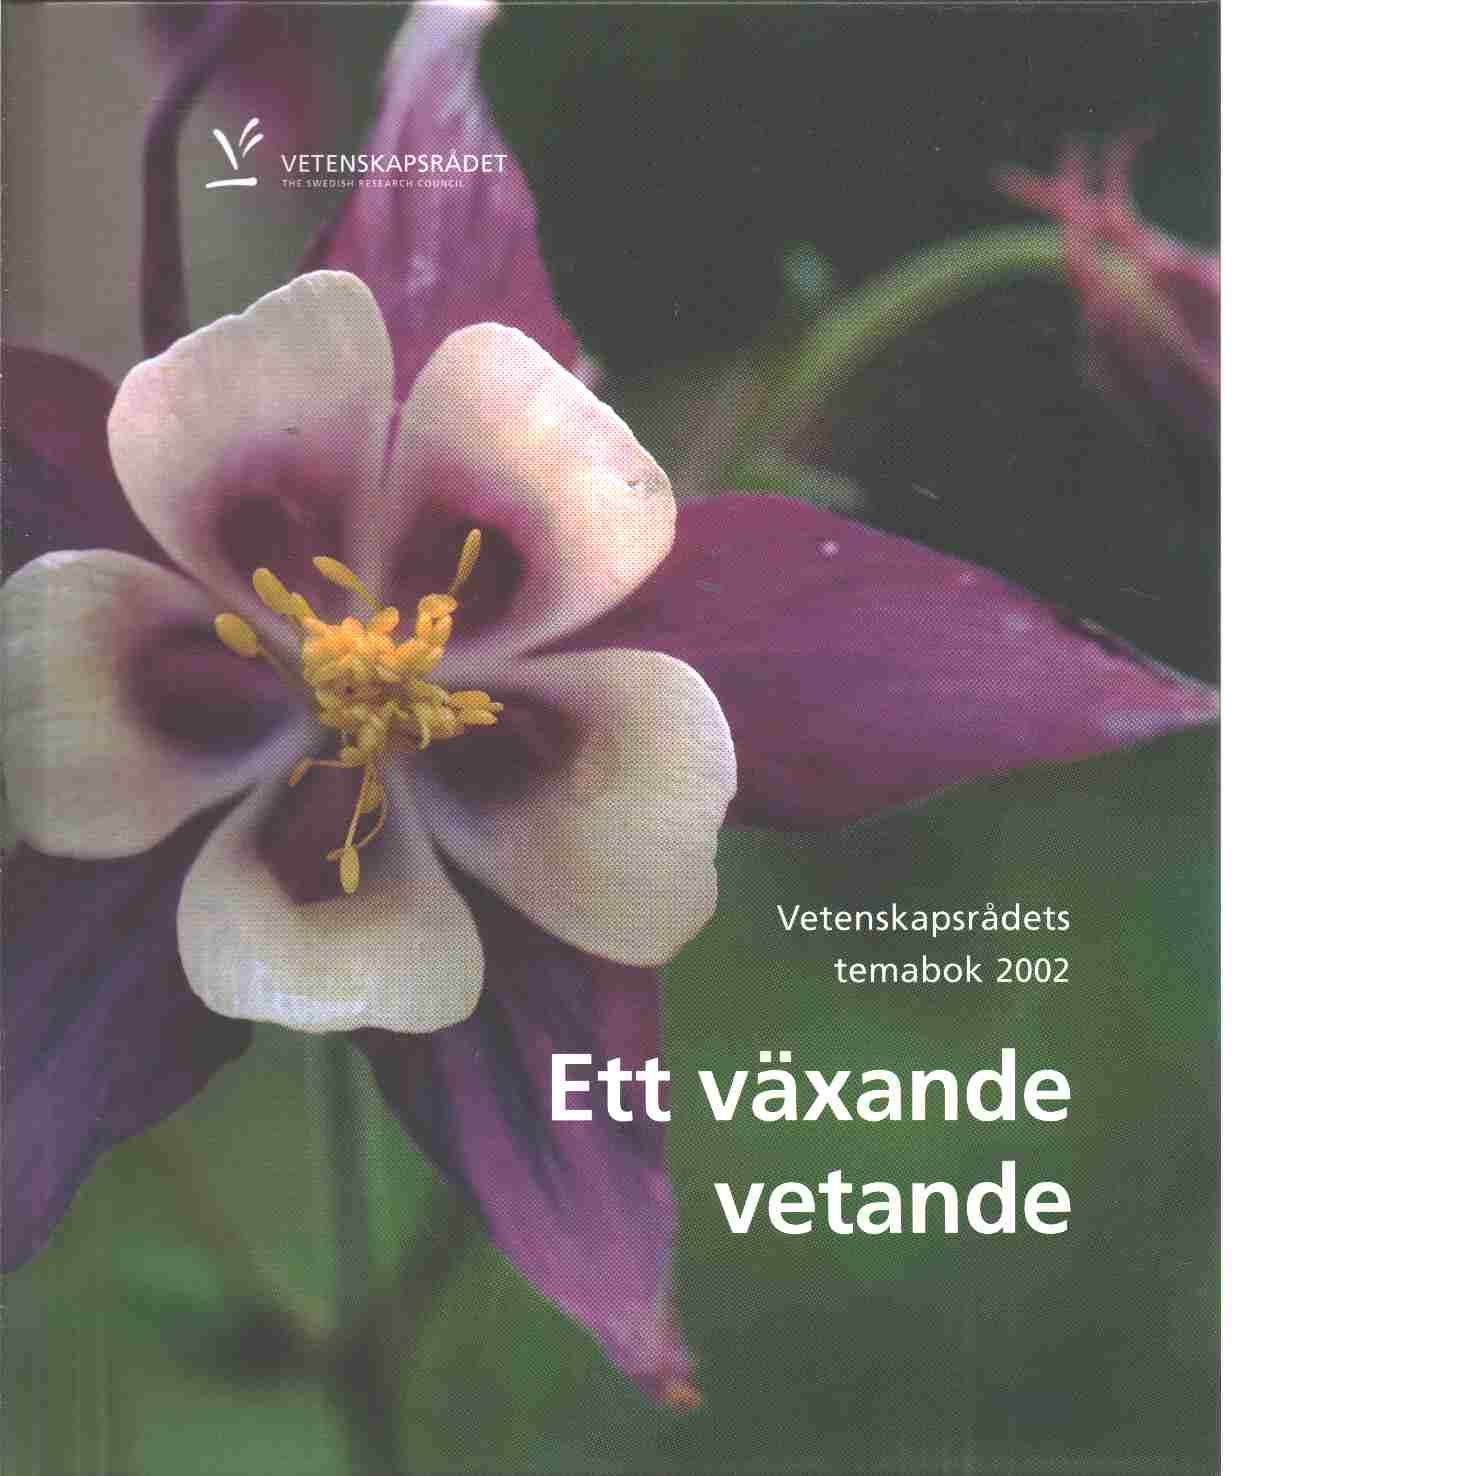 Ett växande vetande : Vetenskapsrådets temabok 2002 - Red. Vetenskapsrådet